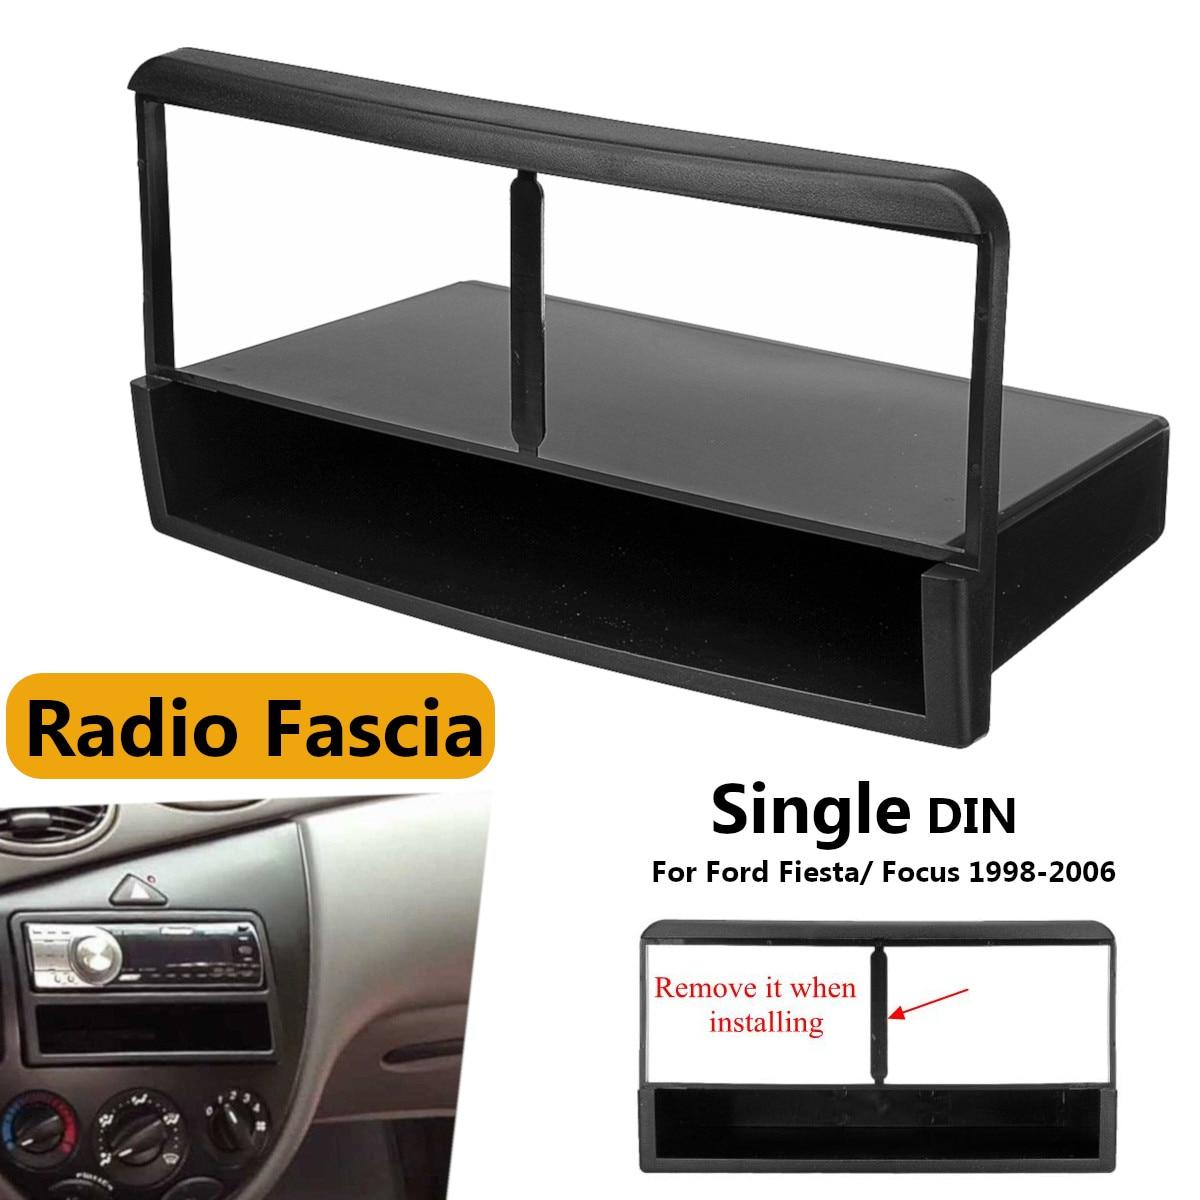 Auto Stereo Radio DVD Fascia Panel Platte Rahmen 1 Din Panel Audio Dash Mount Kit Adapter für Ford für Fiesta für Fokus 1998-2006